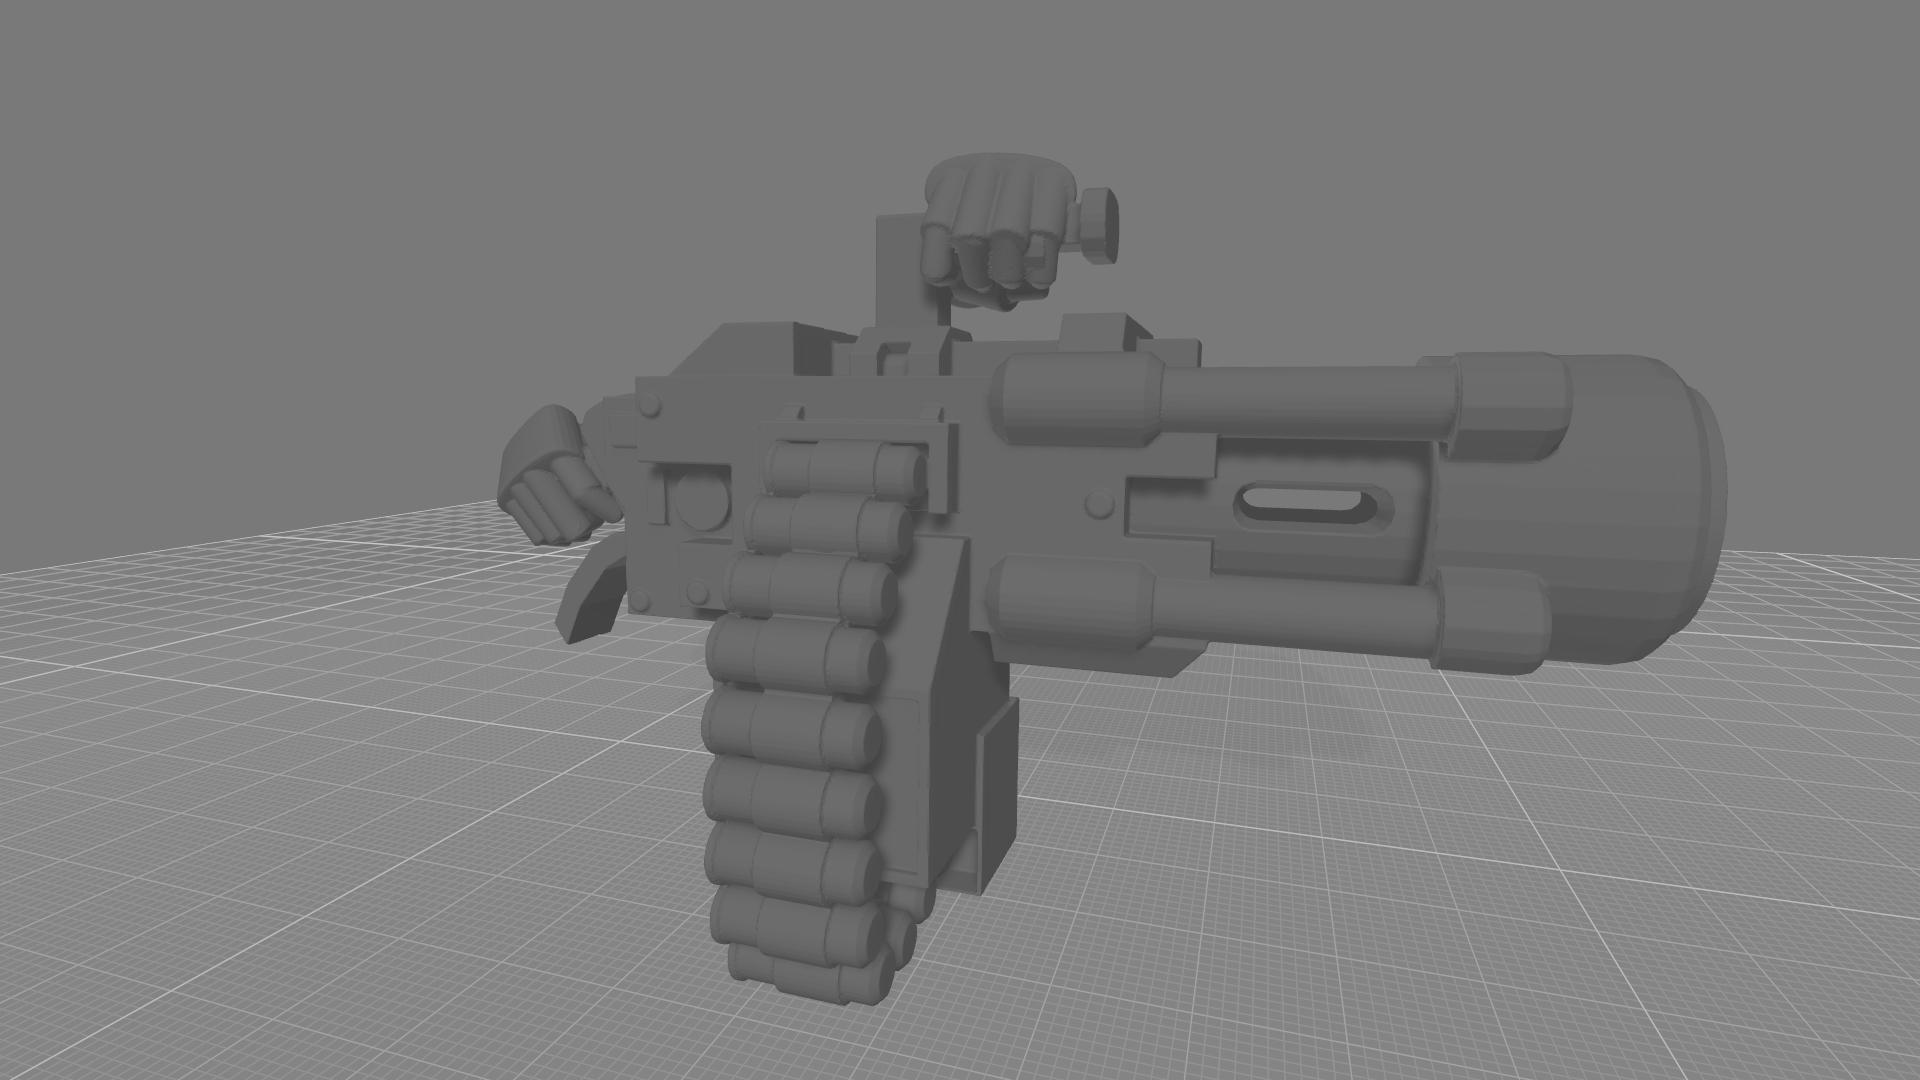 Fragcannon hands.jpg Download free STL file Destructive Toolbox of the Order of Alien Hunting Crusaders • 3D printer design, DropoutPraxis